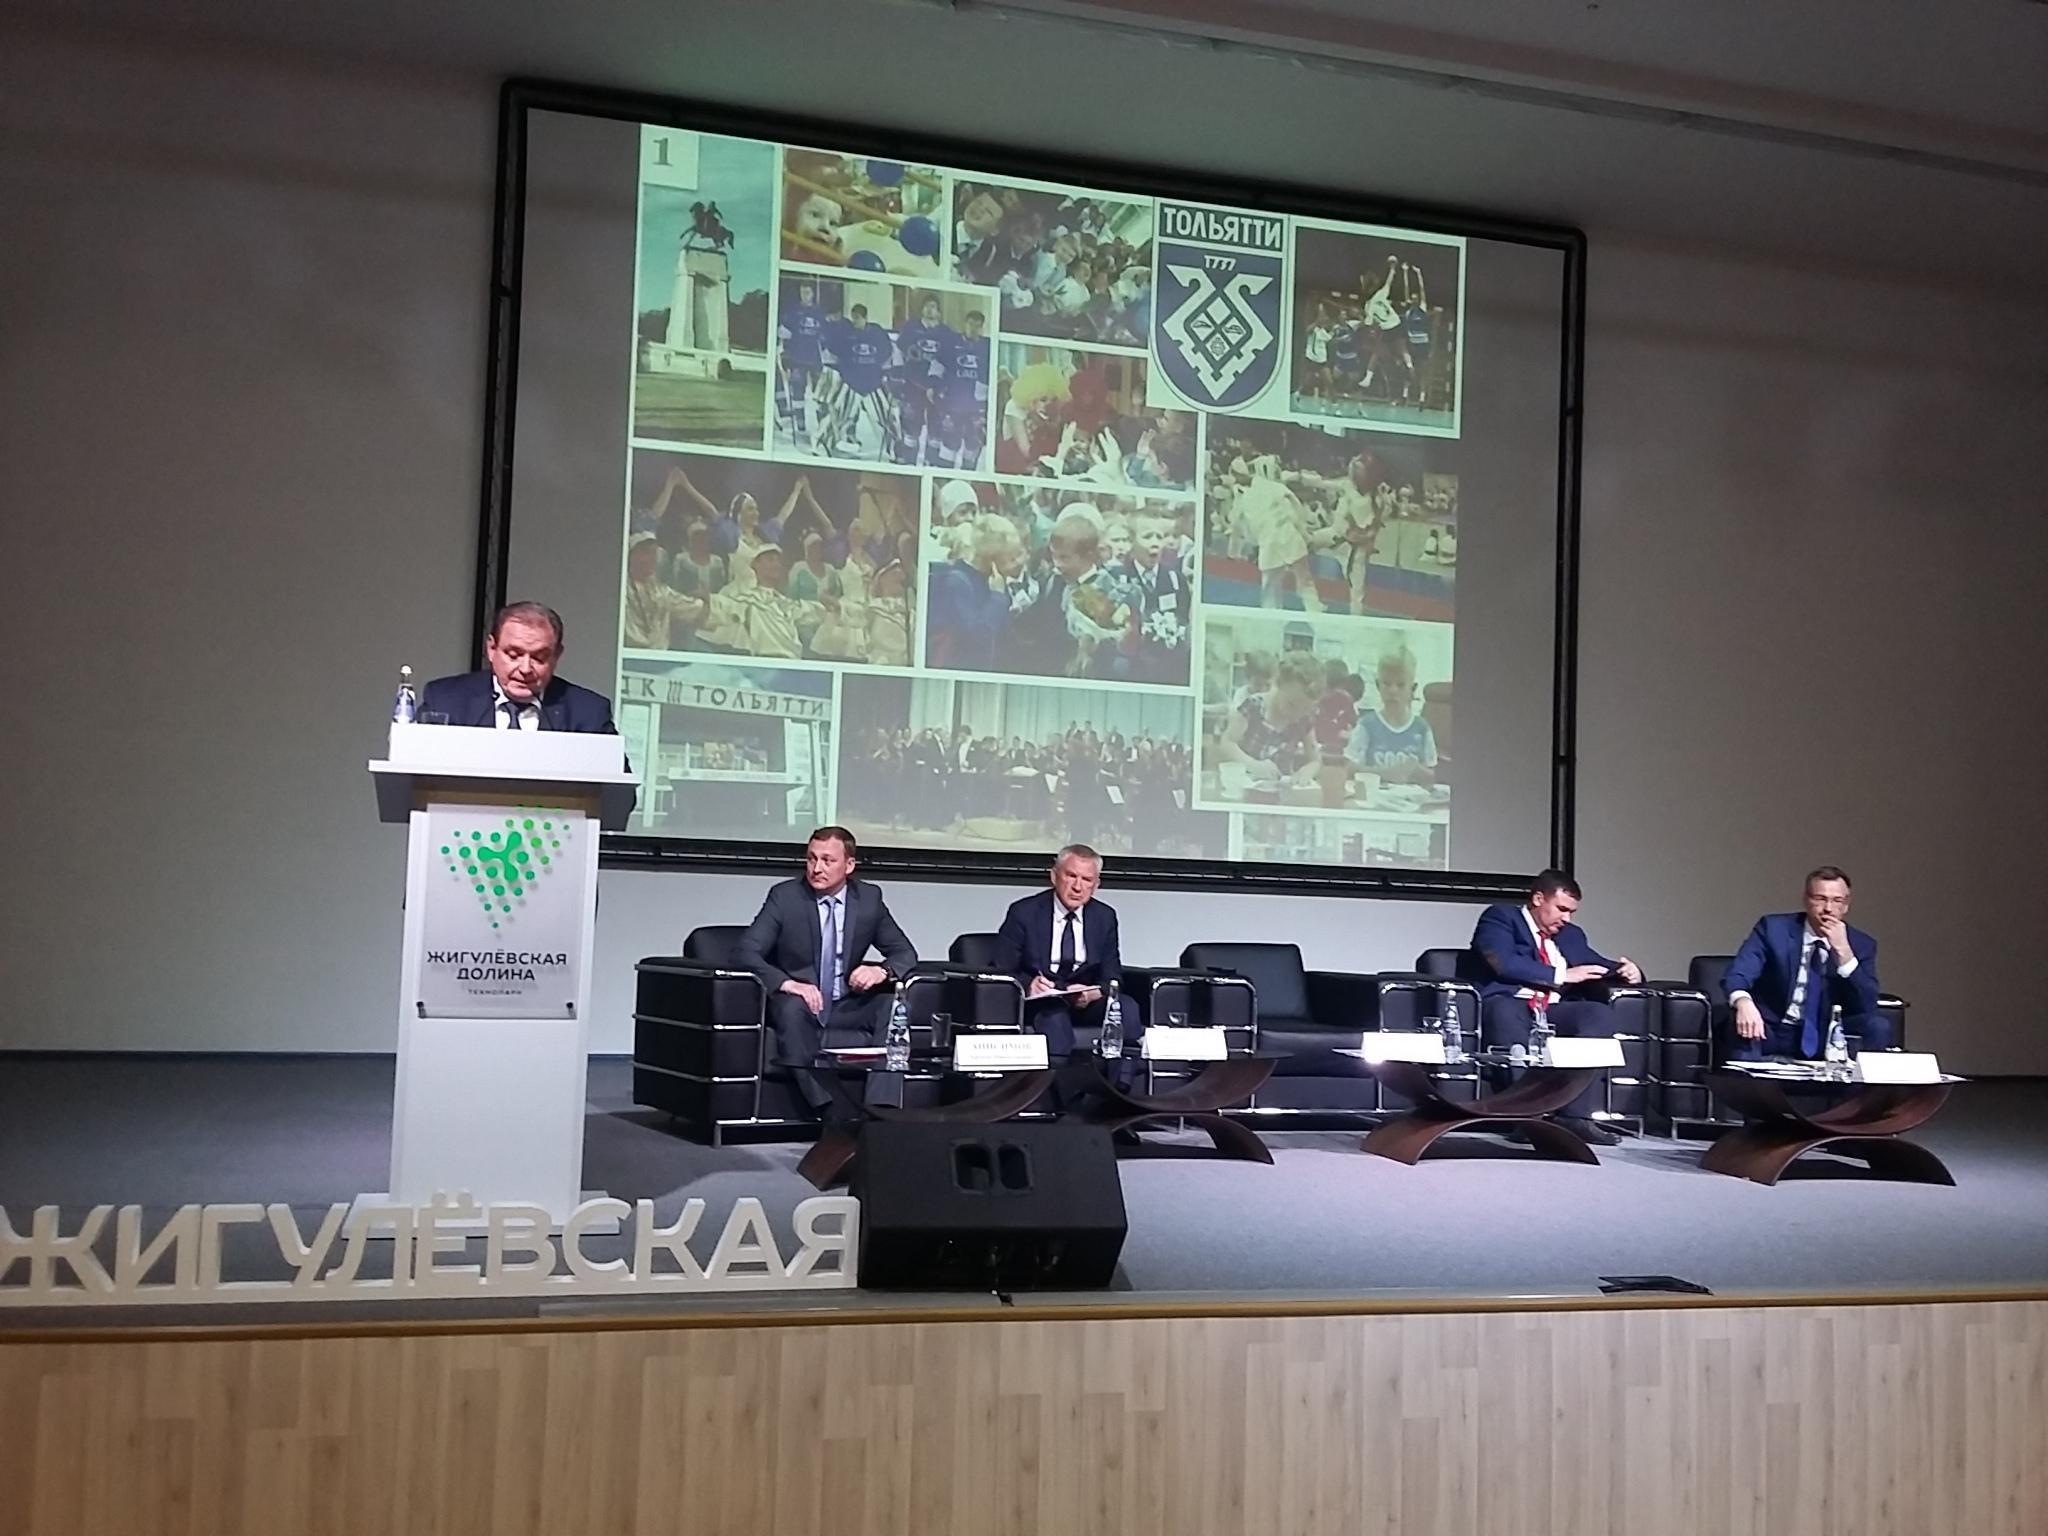 Сергей Анташев рассказал о позитивных итогах в социально-экономическом развитии Тольятти